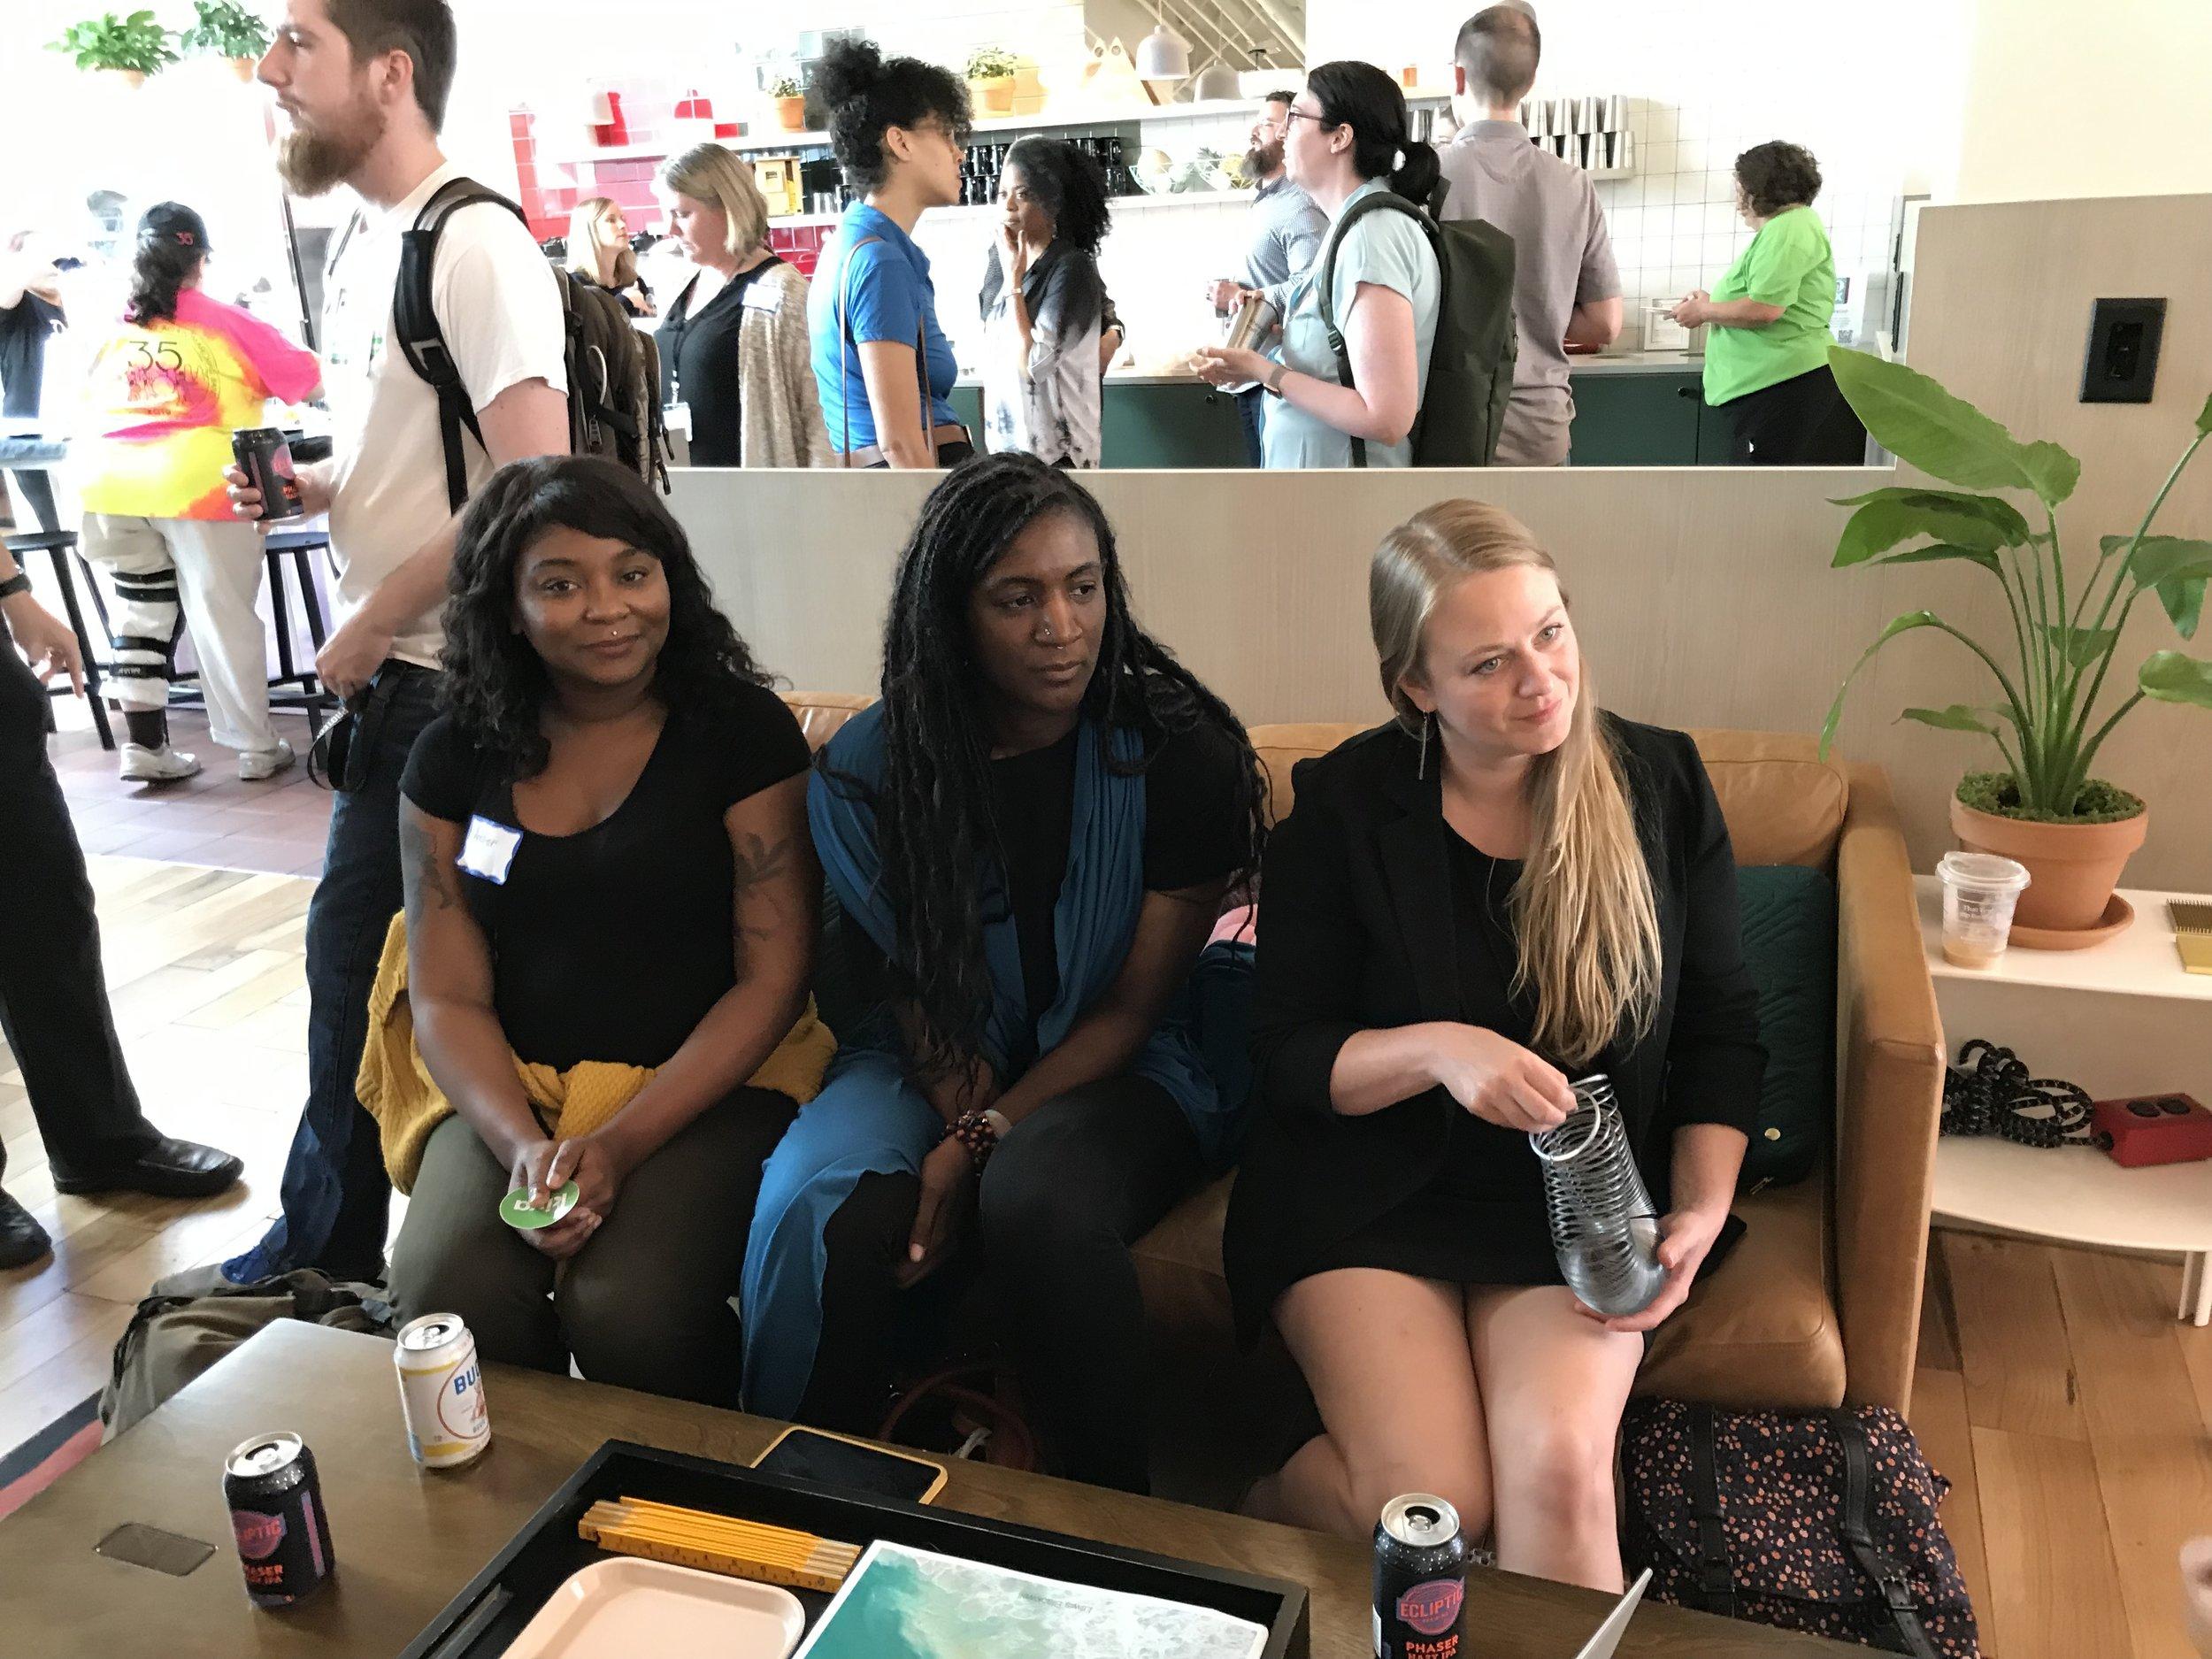 Three women sitting and listening to speakers.JPG